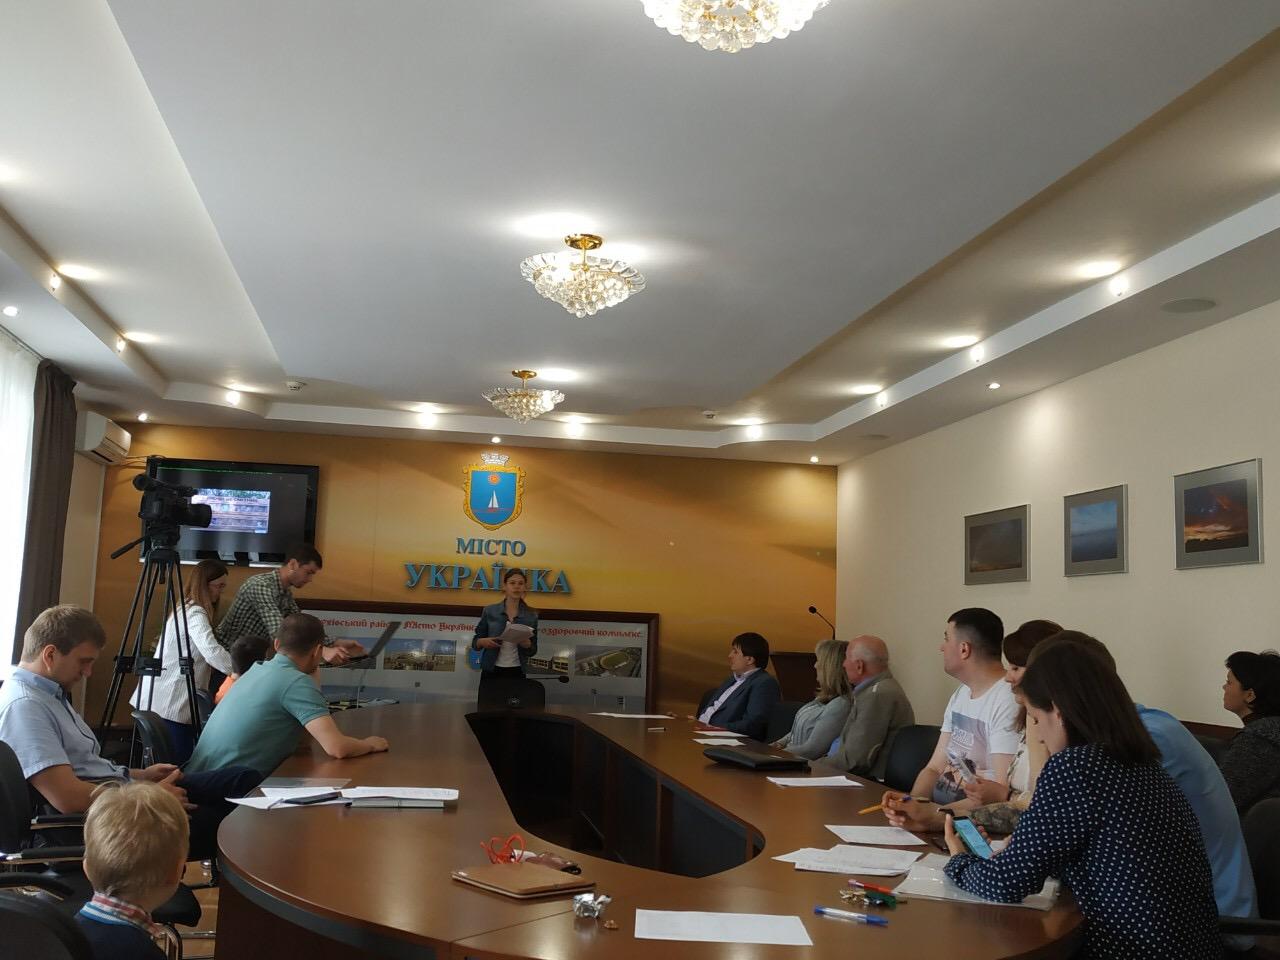 ABEBC850-D14C-4A30-98DC-79A981360E63 Завдяки молоді в Українці буде багато новинок